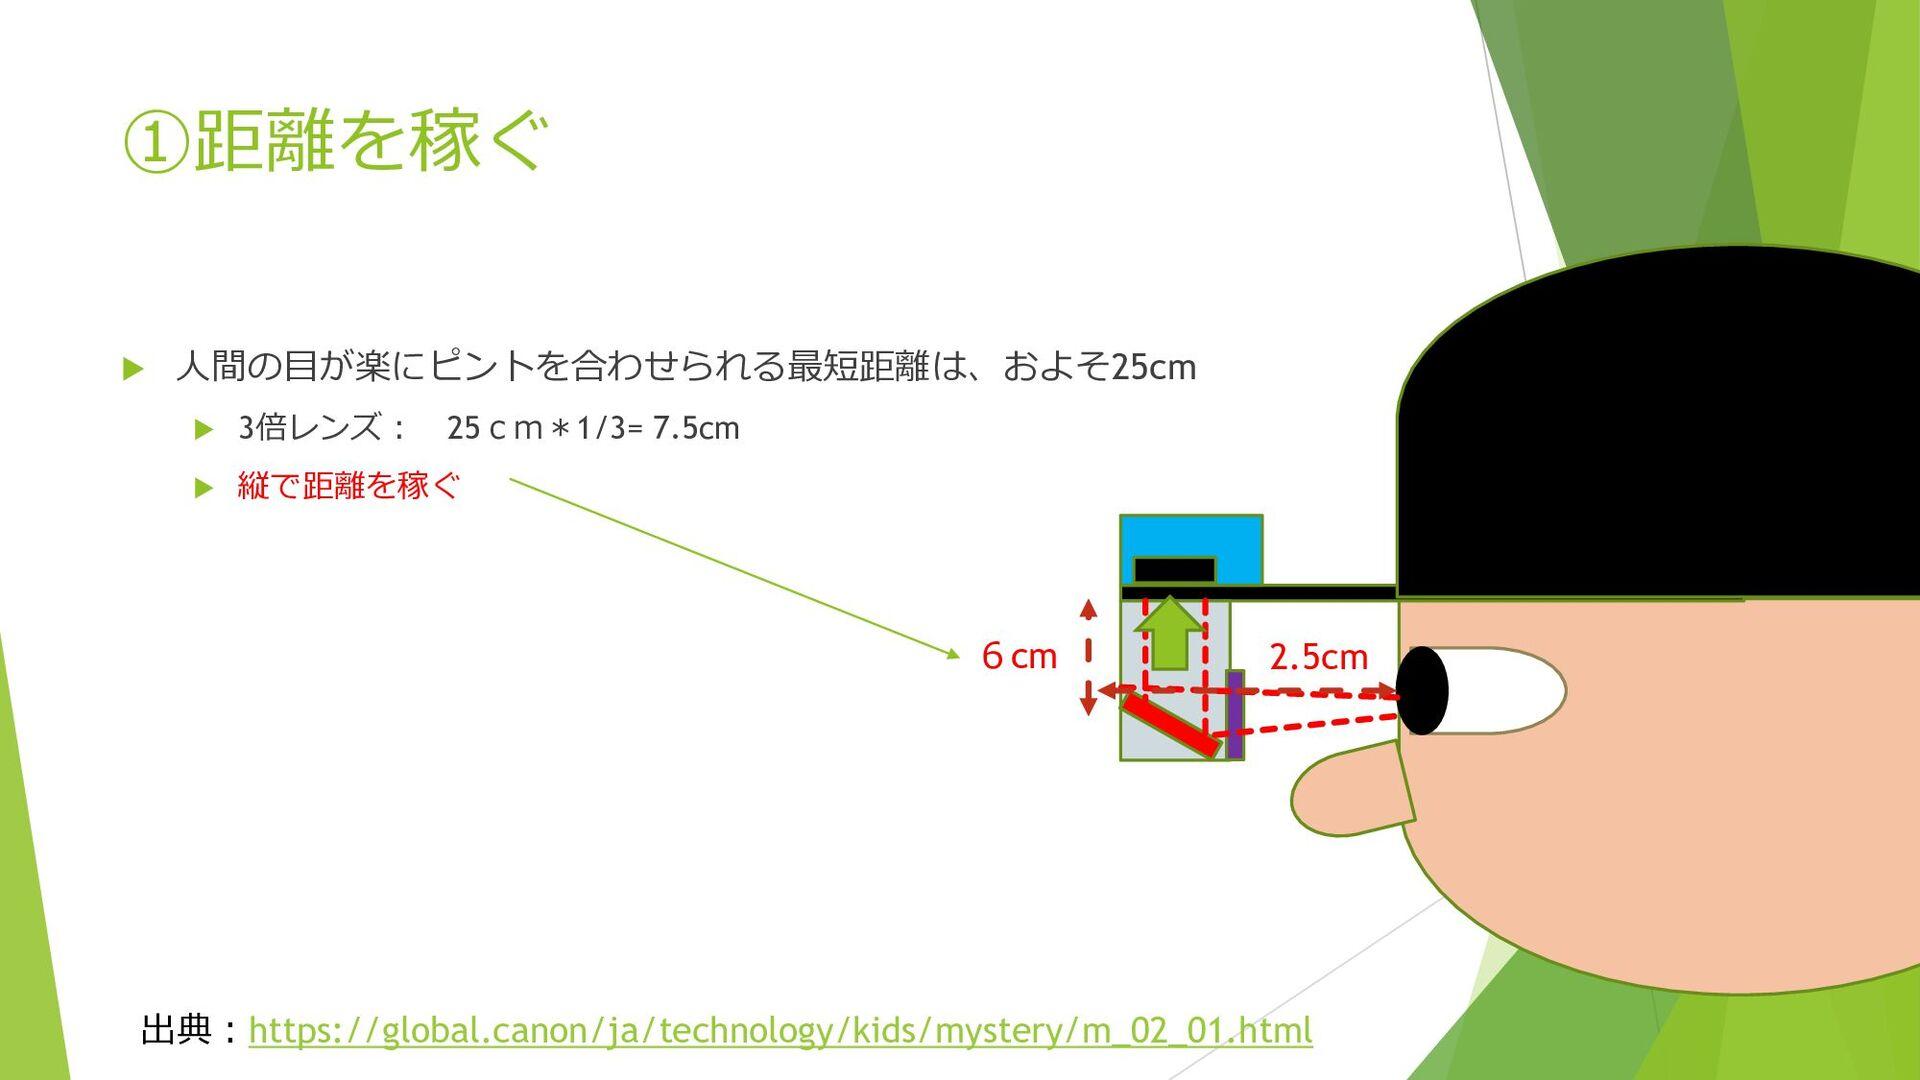 ①距離を稼ぐ  人間の目が楽にピントを合わせられる最短距離は、およそ25cm  3倍レンズ...